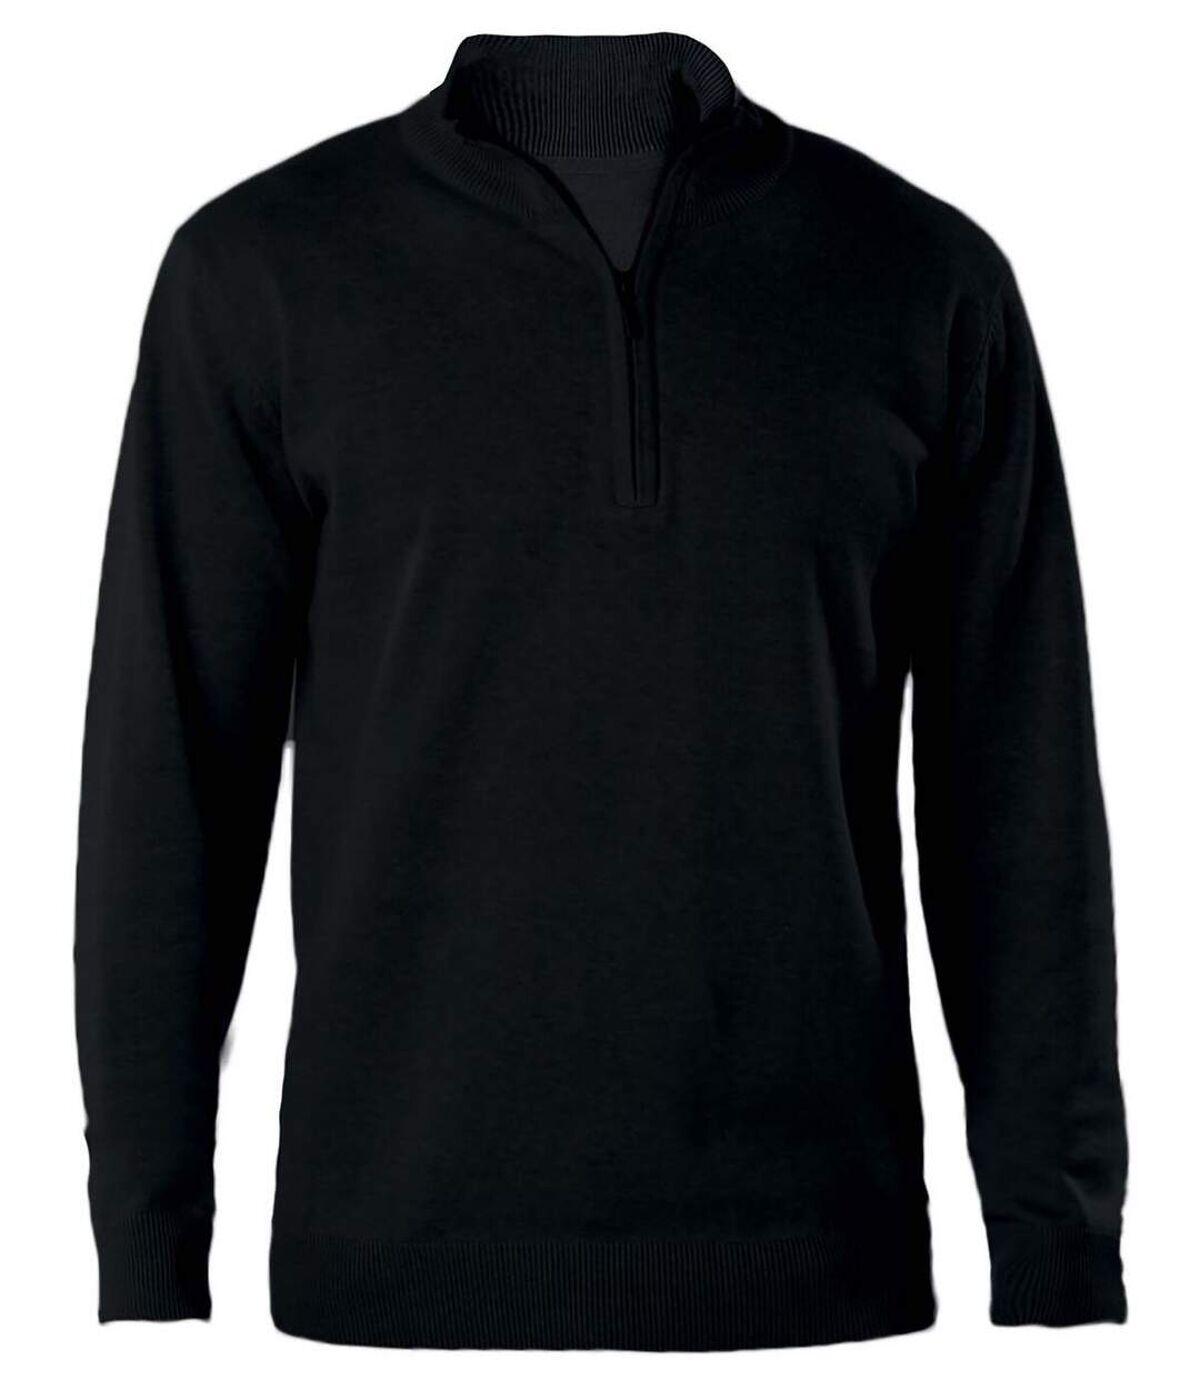 Pull col zippé pour homme - K970 - noir